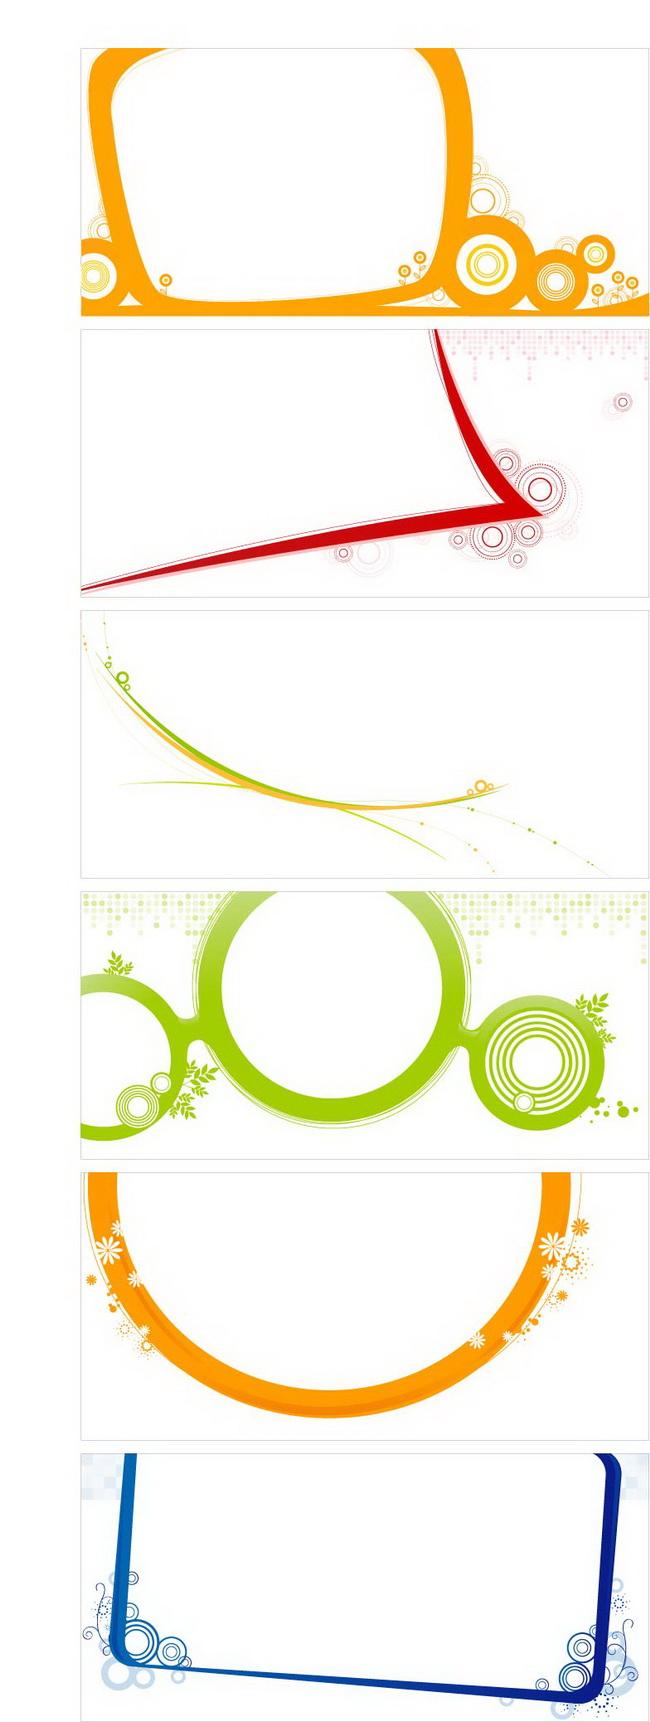 传统相框花边设计矢量素材 精美装饰花边边框矢量素材 中式花边边框